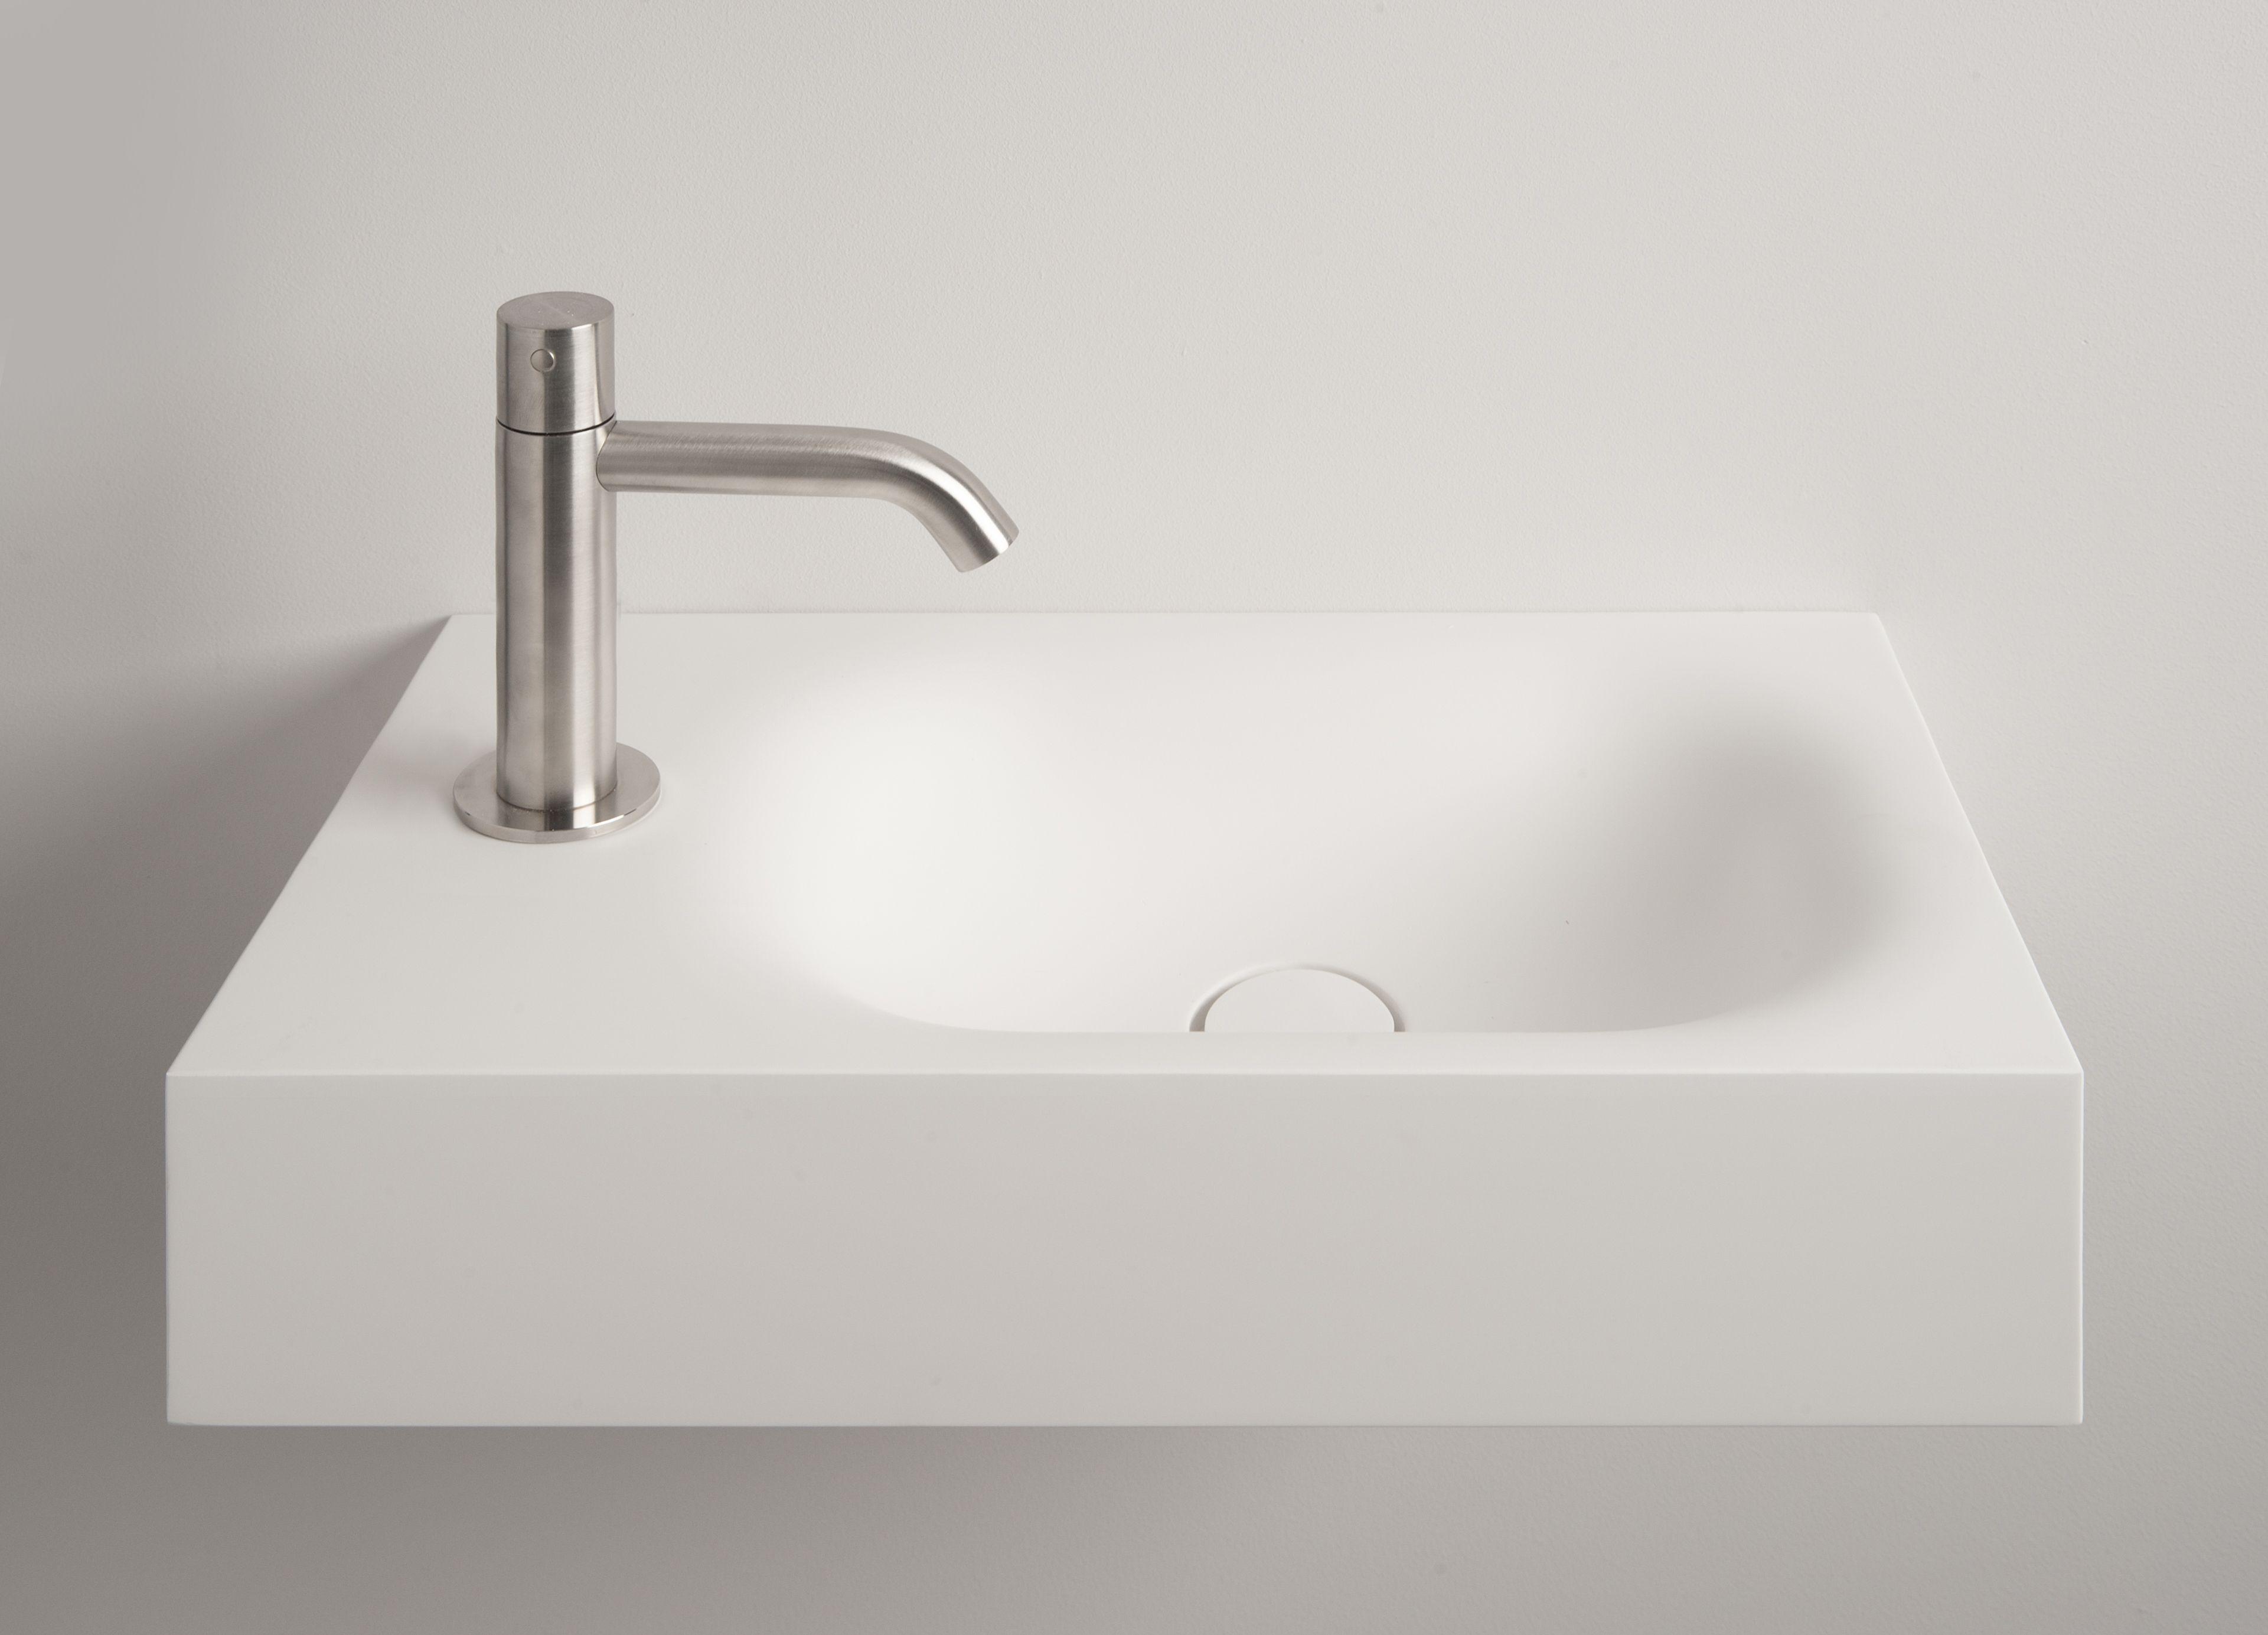 Toiletfontein uitgevoerd in corian by tiz design. #toiletfontein